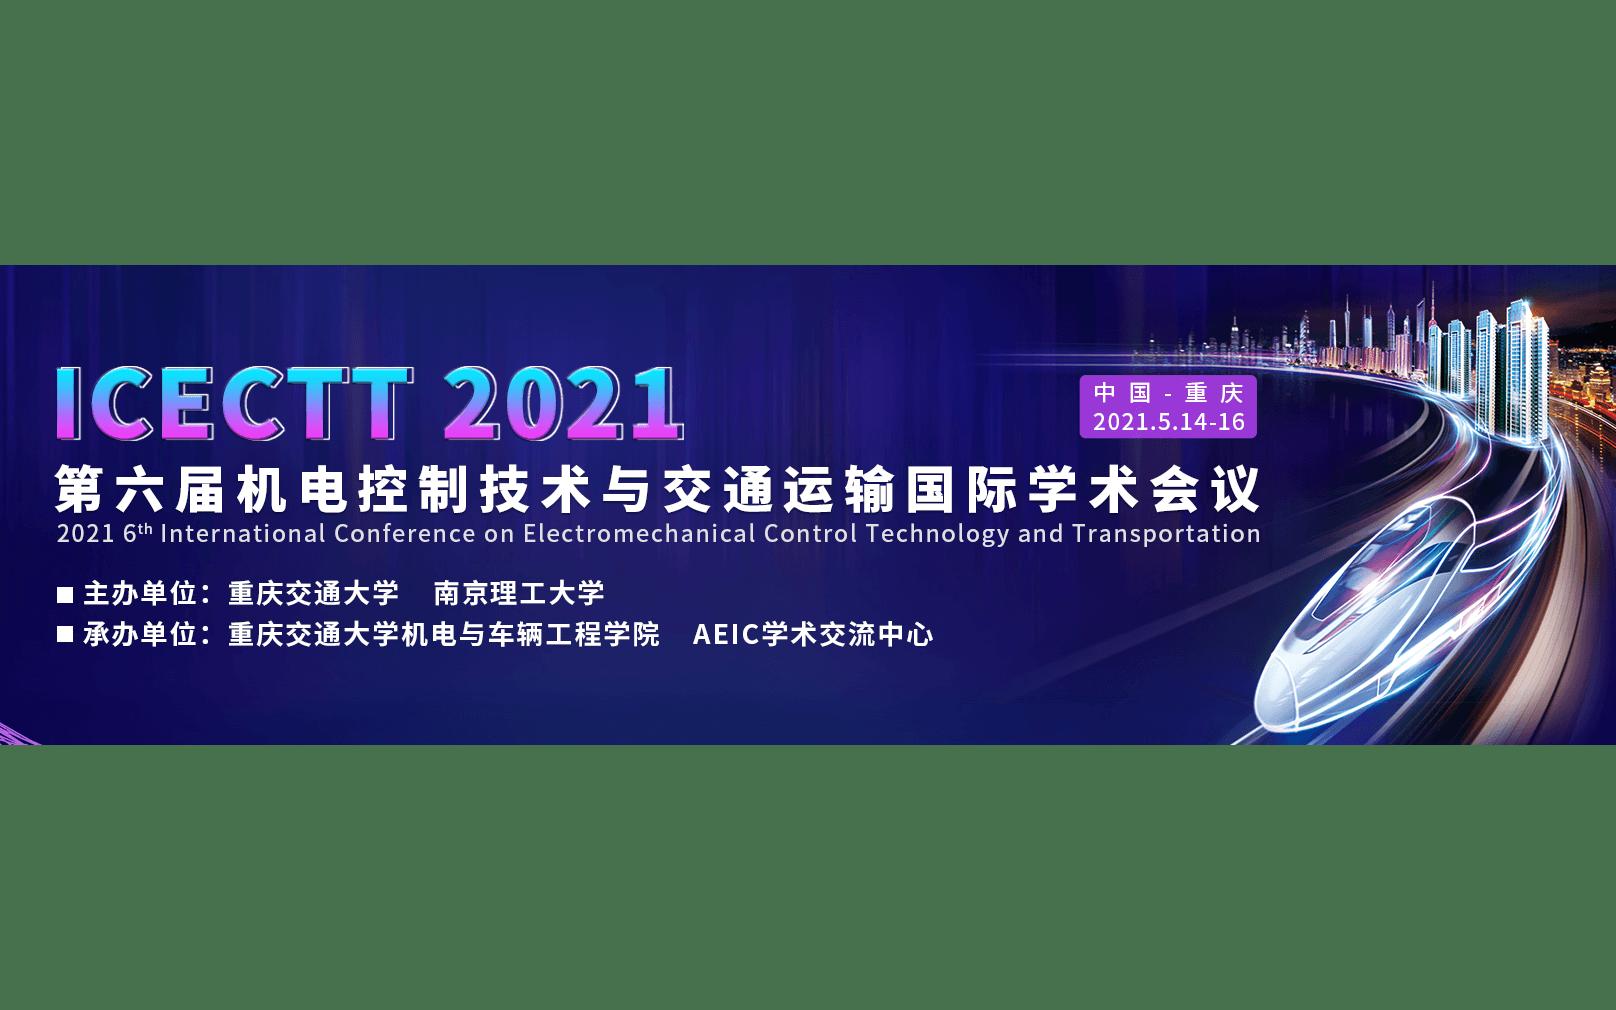 第六届机电控制技术与交通运输国际学术会议(ICECTT 2021)